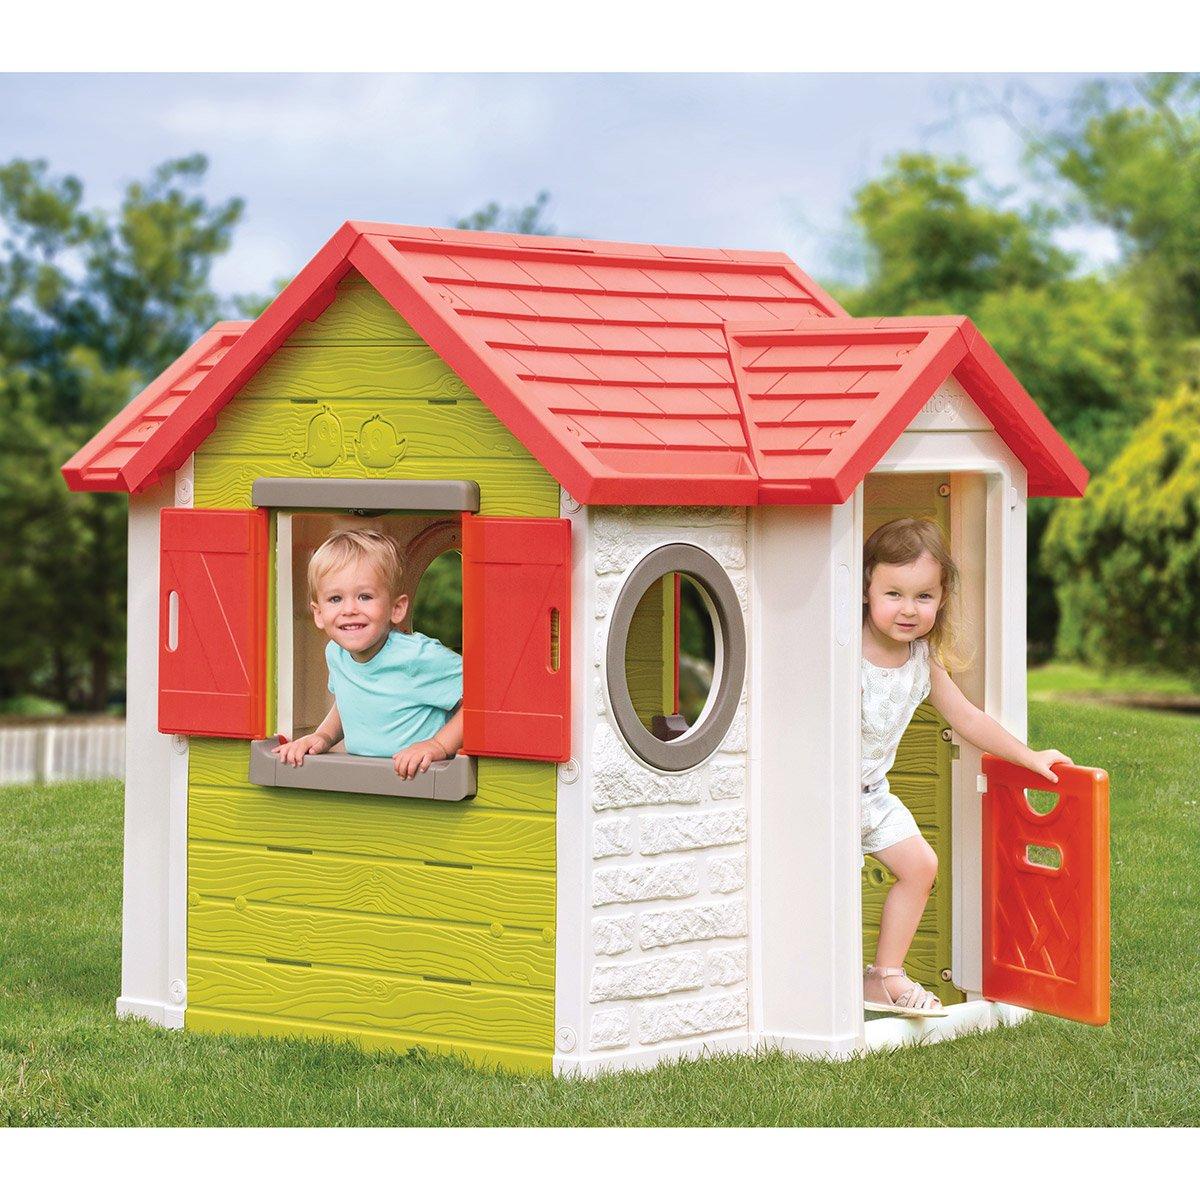 Maison My Neo House - Smoby - Maisons, Toboggans Et Jeux D ... concernant Maison De Jardin Smoby